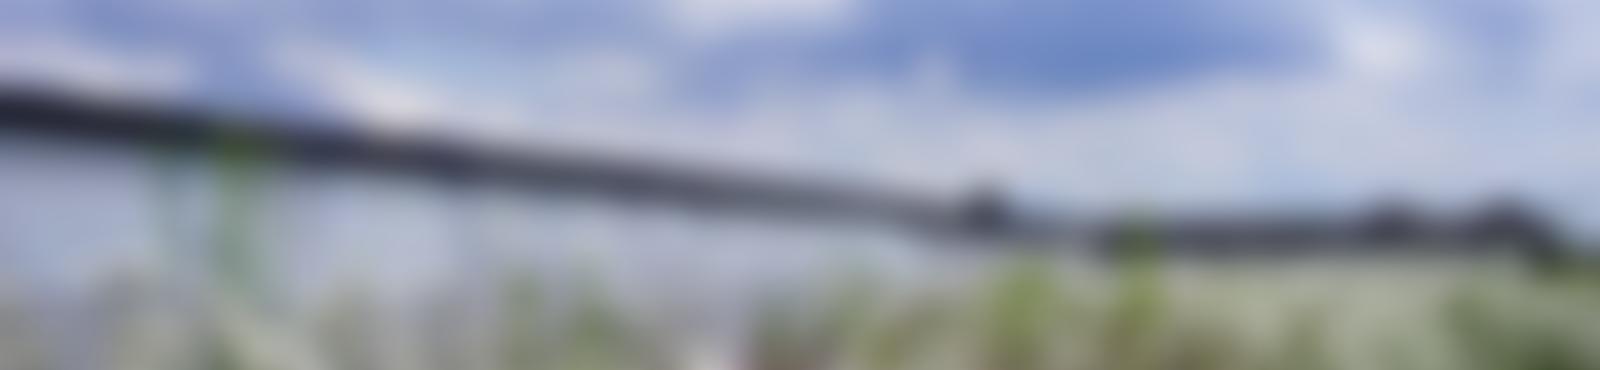 Blurred 13710616 10154377956228781 6583031030332376731 o